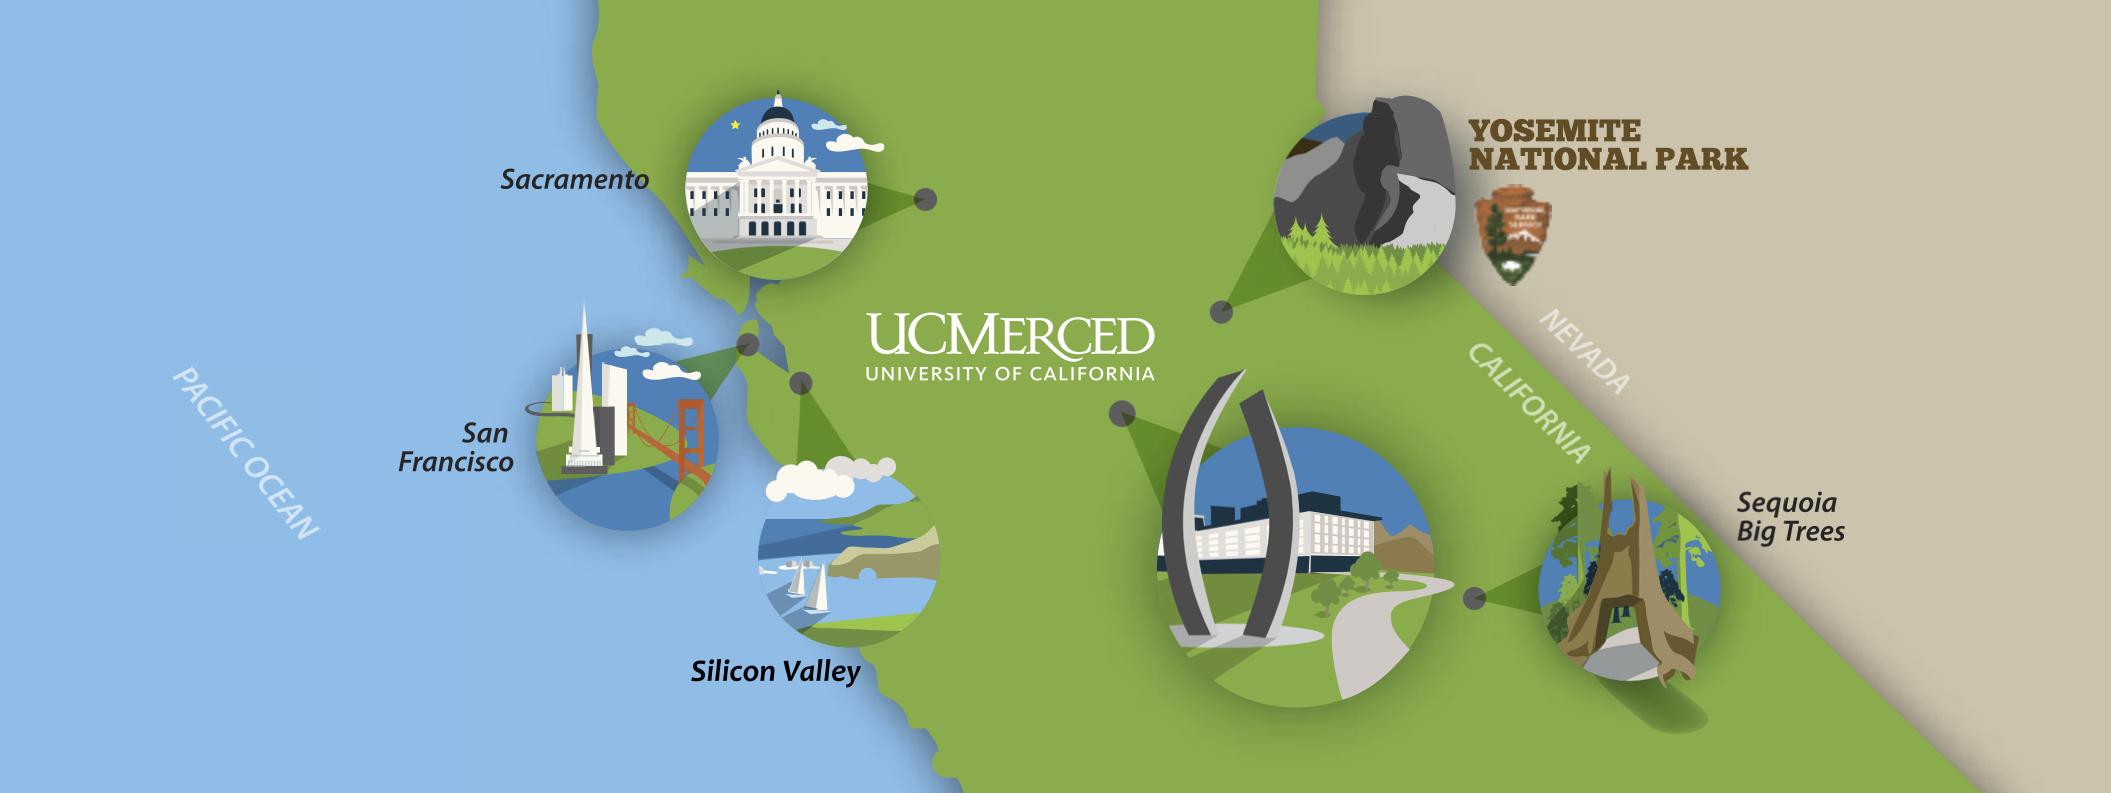 UC Merced proximity map